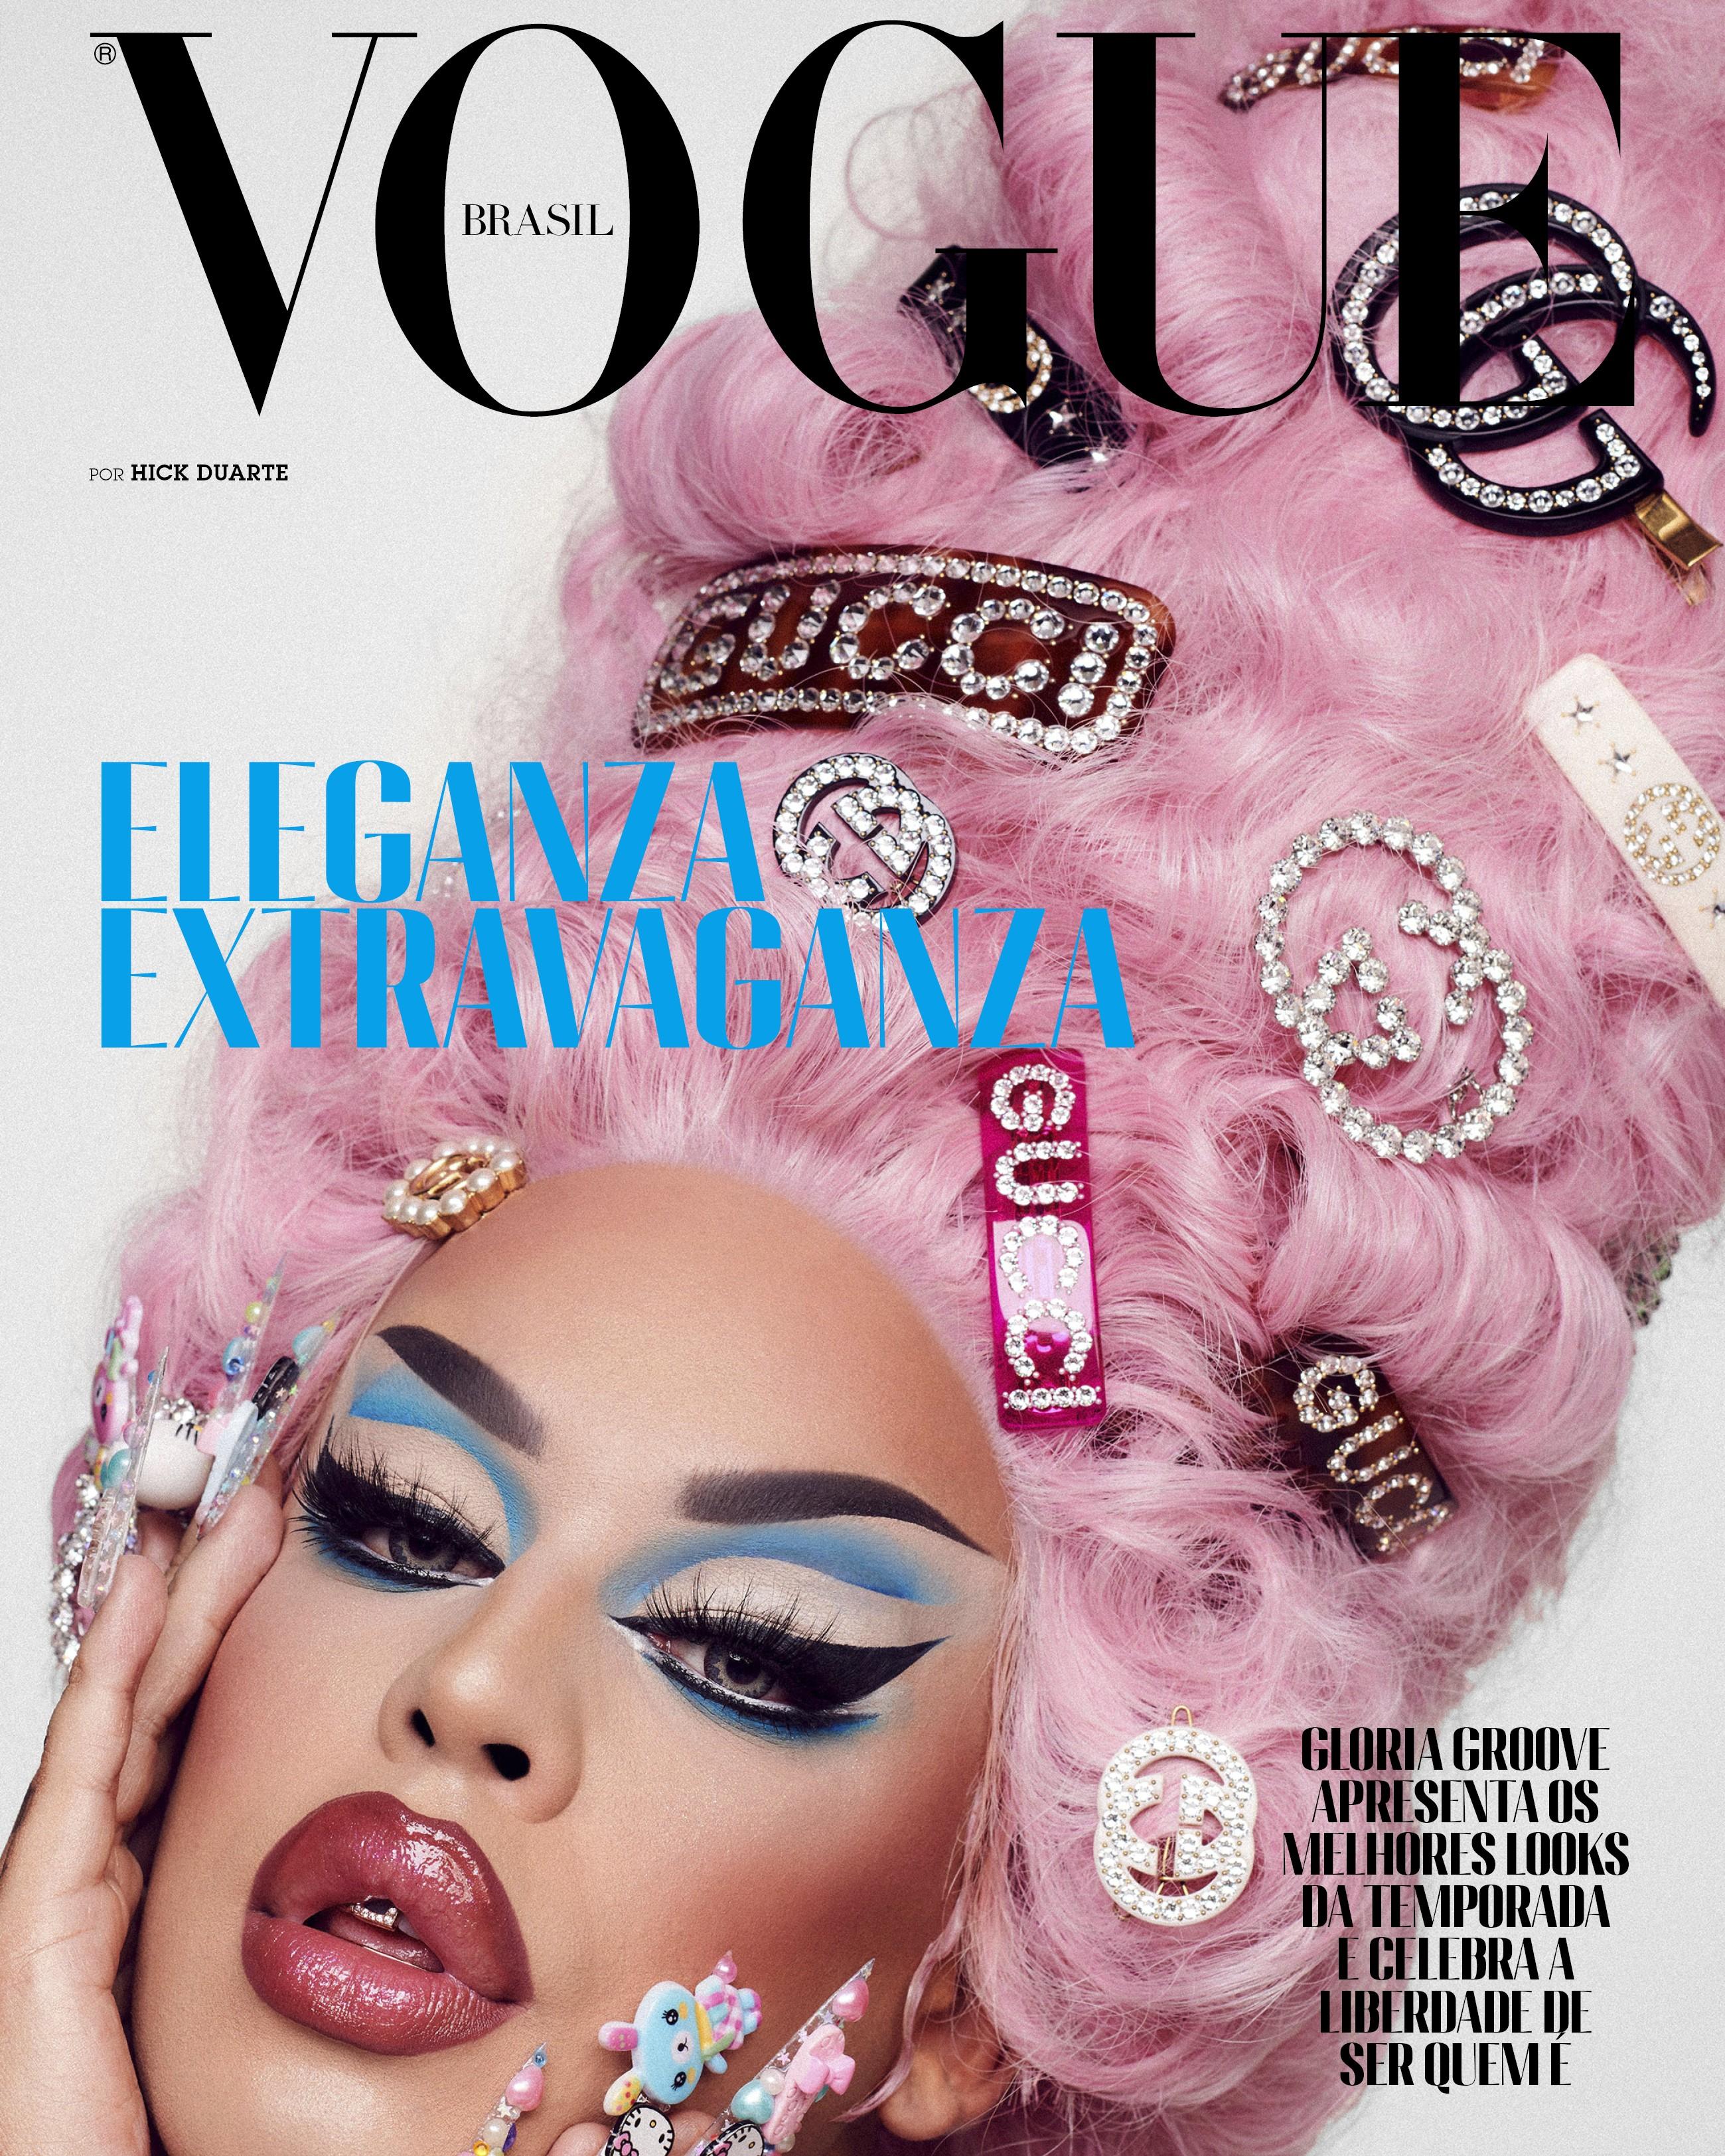 Gloria Groove para Vogue de outubro (Foto: Vogue Brasil/ Hick Duarte)